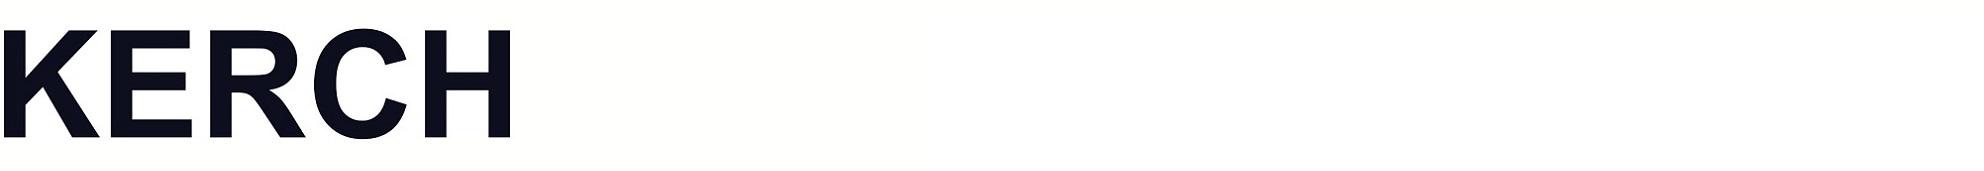 ODKURZACZ BEZWORKOWY CYKLONOWY 3300 +TURBOSZCZOTKA Cechy dodatkowe cyklon ergonomiczny uchwyt łatwe opróżnianie zbiornika odkurzacz z zabezpieczeniem thermo pozycja parking przyjazny dla alergików regulacja mocy ssania regulacja przepływu powietrza w uchwycie uchwyt do tranportu zmywalne filtry HEPA H13 silnika i komory